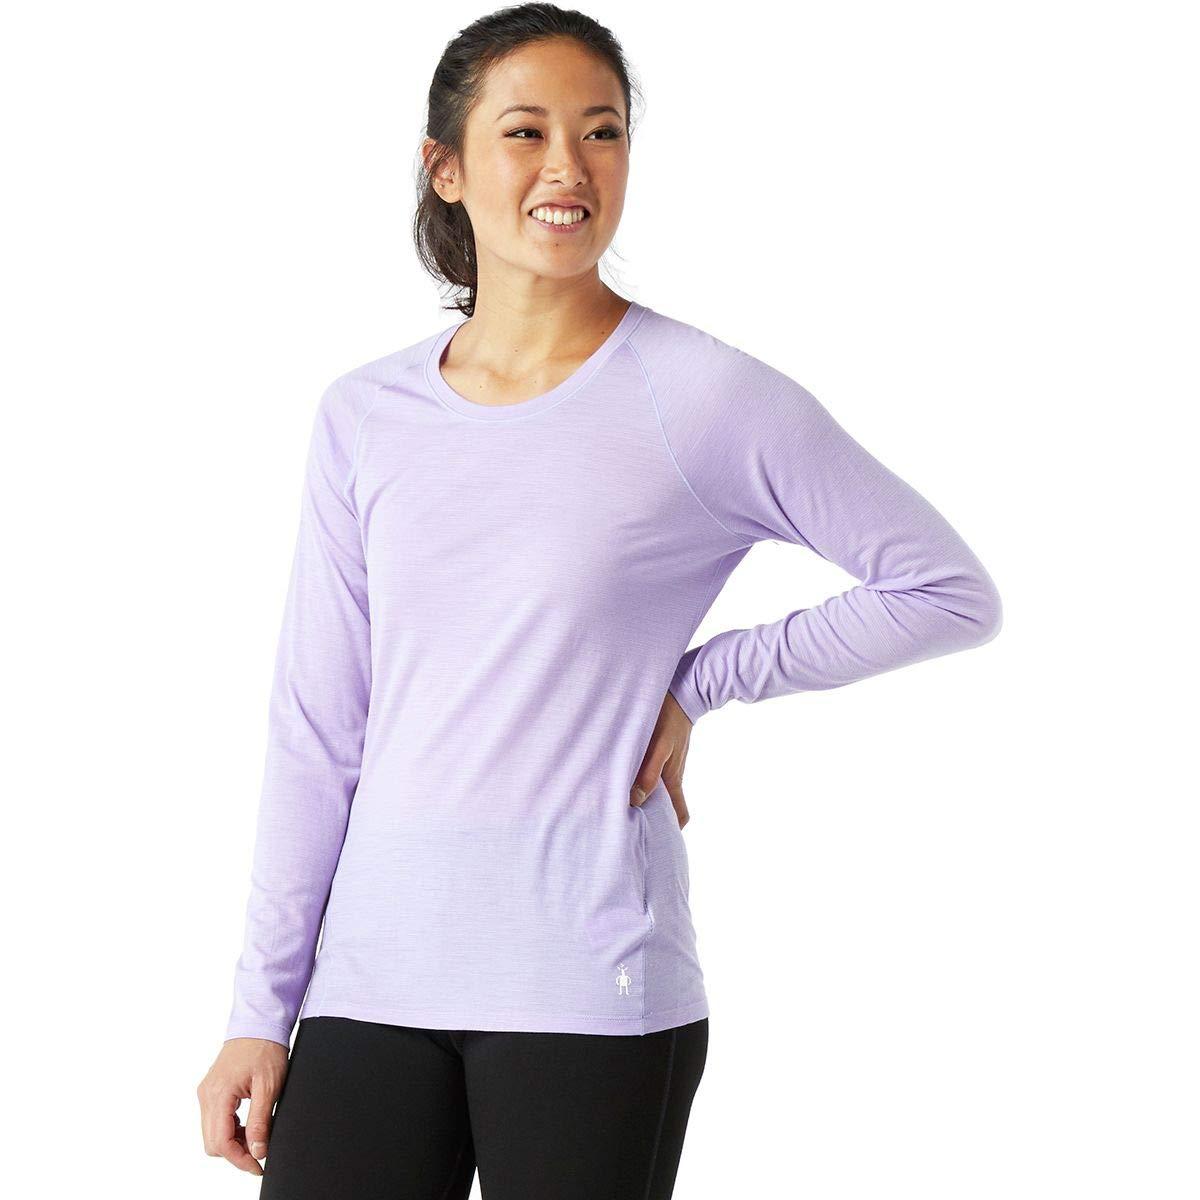 SmartWool Women's Merino 150 Baselayer Pattern Long Sleeve Cascade Purple Small